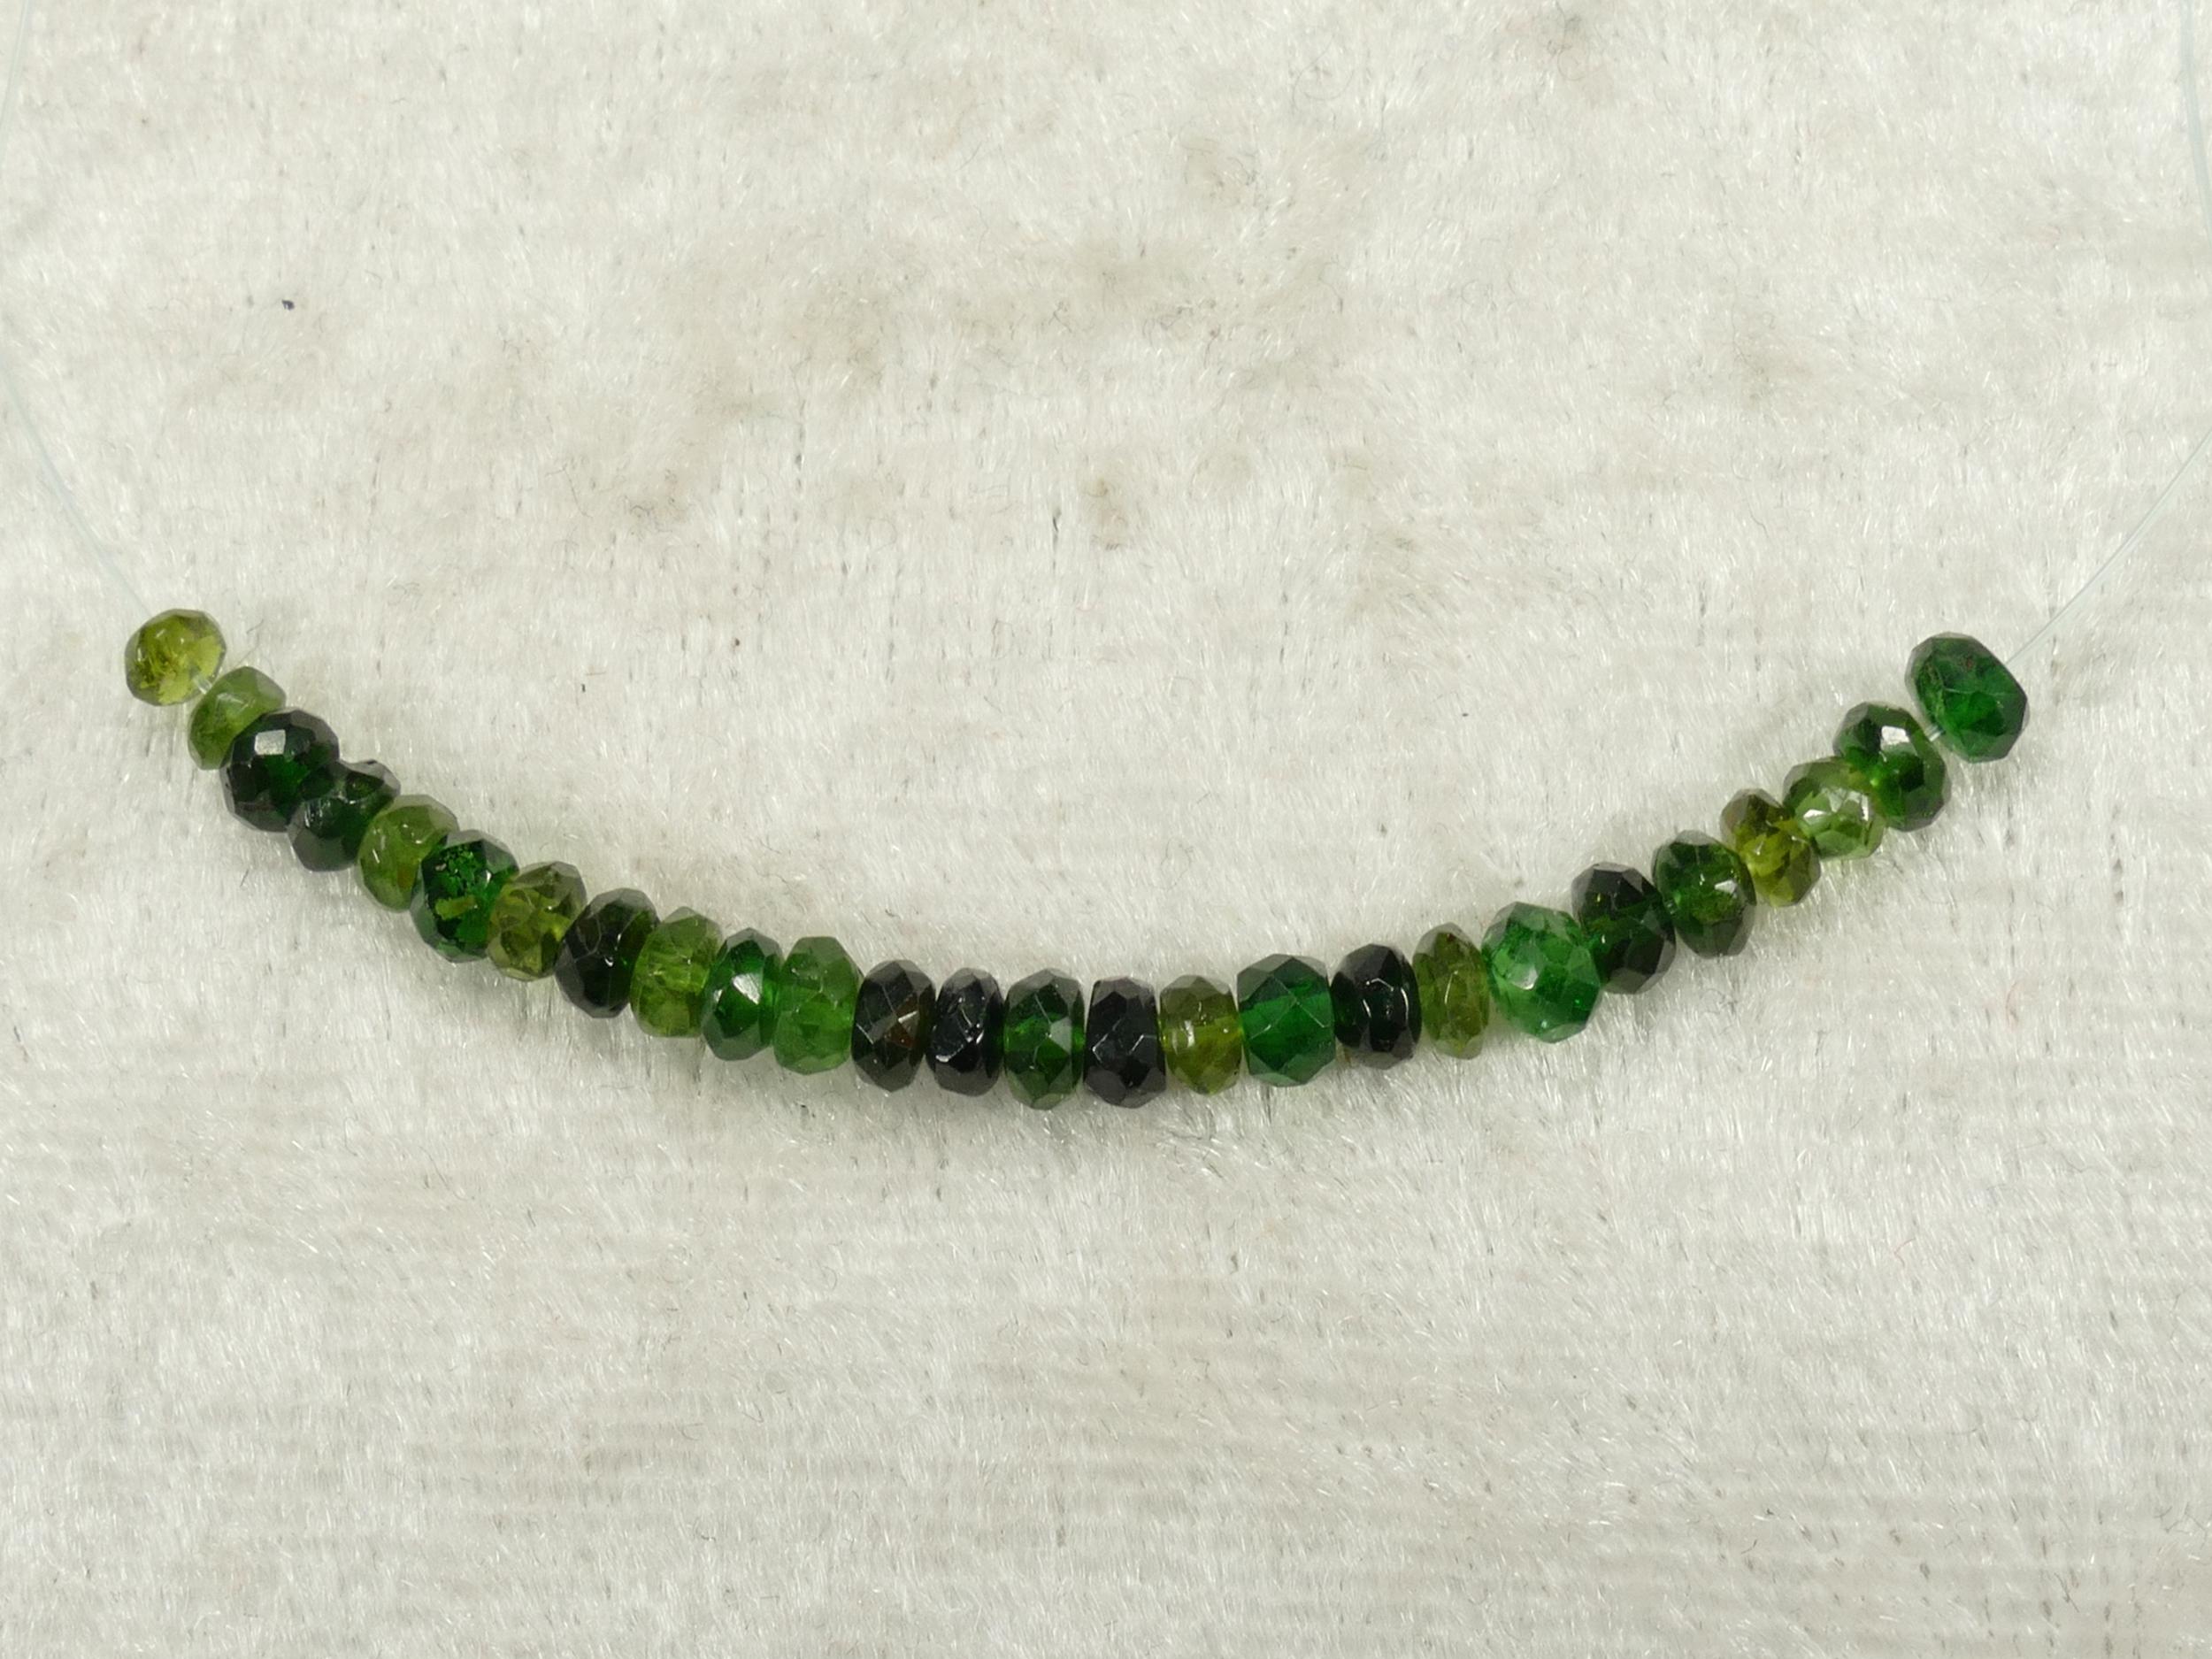 3.6/3.1mm Perles de Tourmaline naturelle Verdelite verte en rondelle facettée (#PK943)